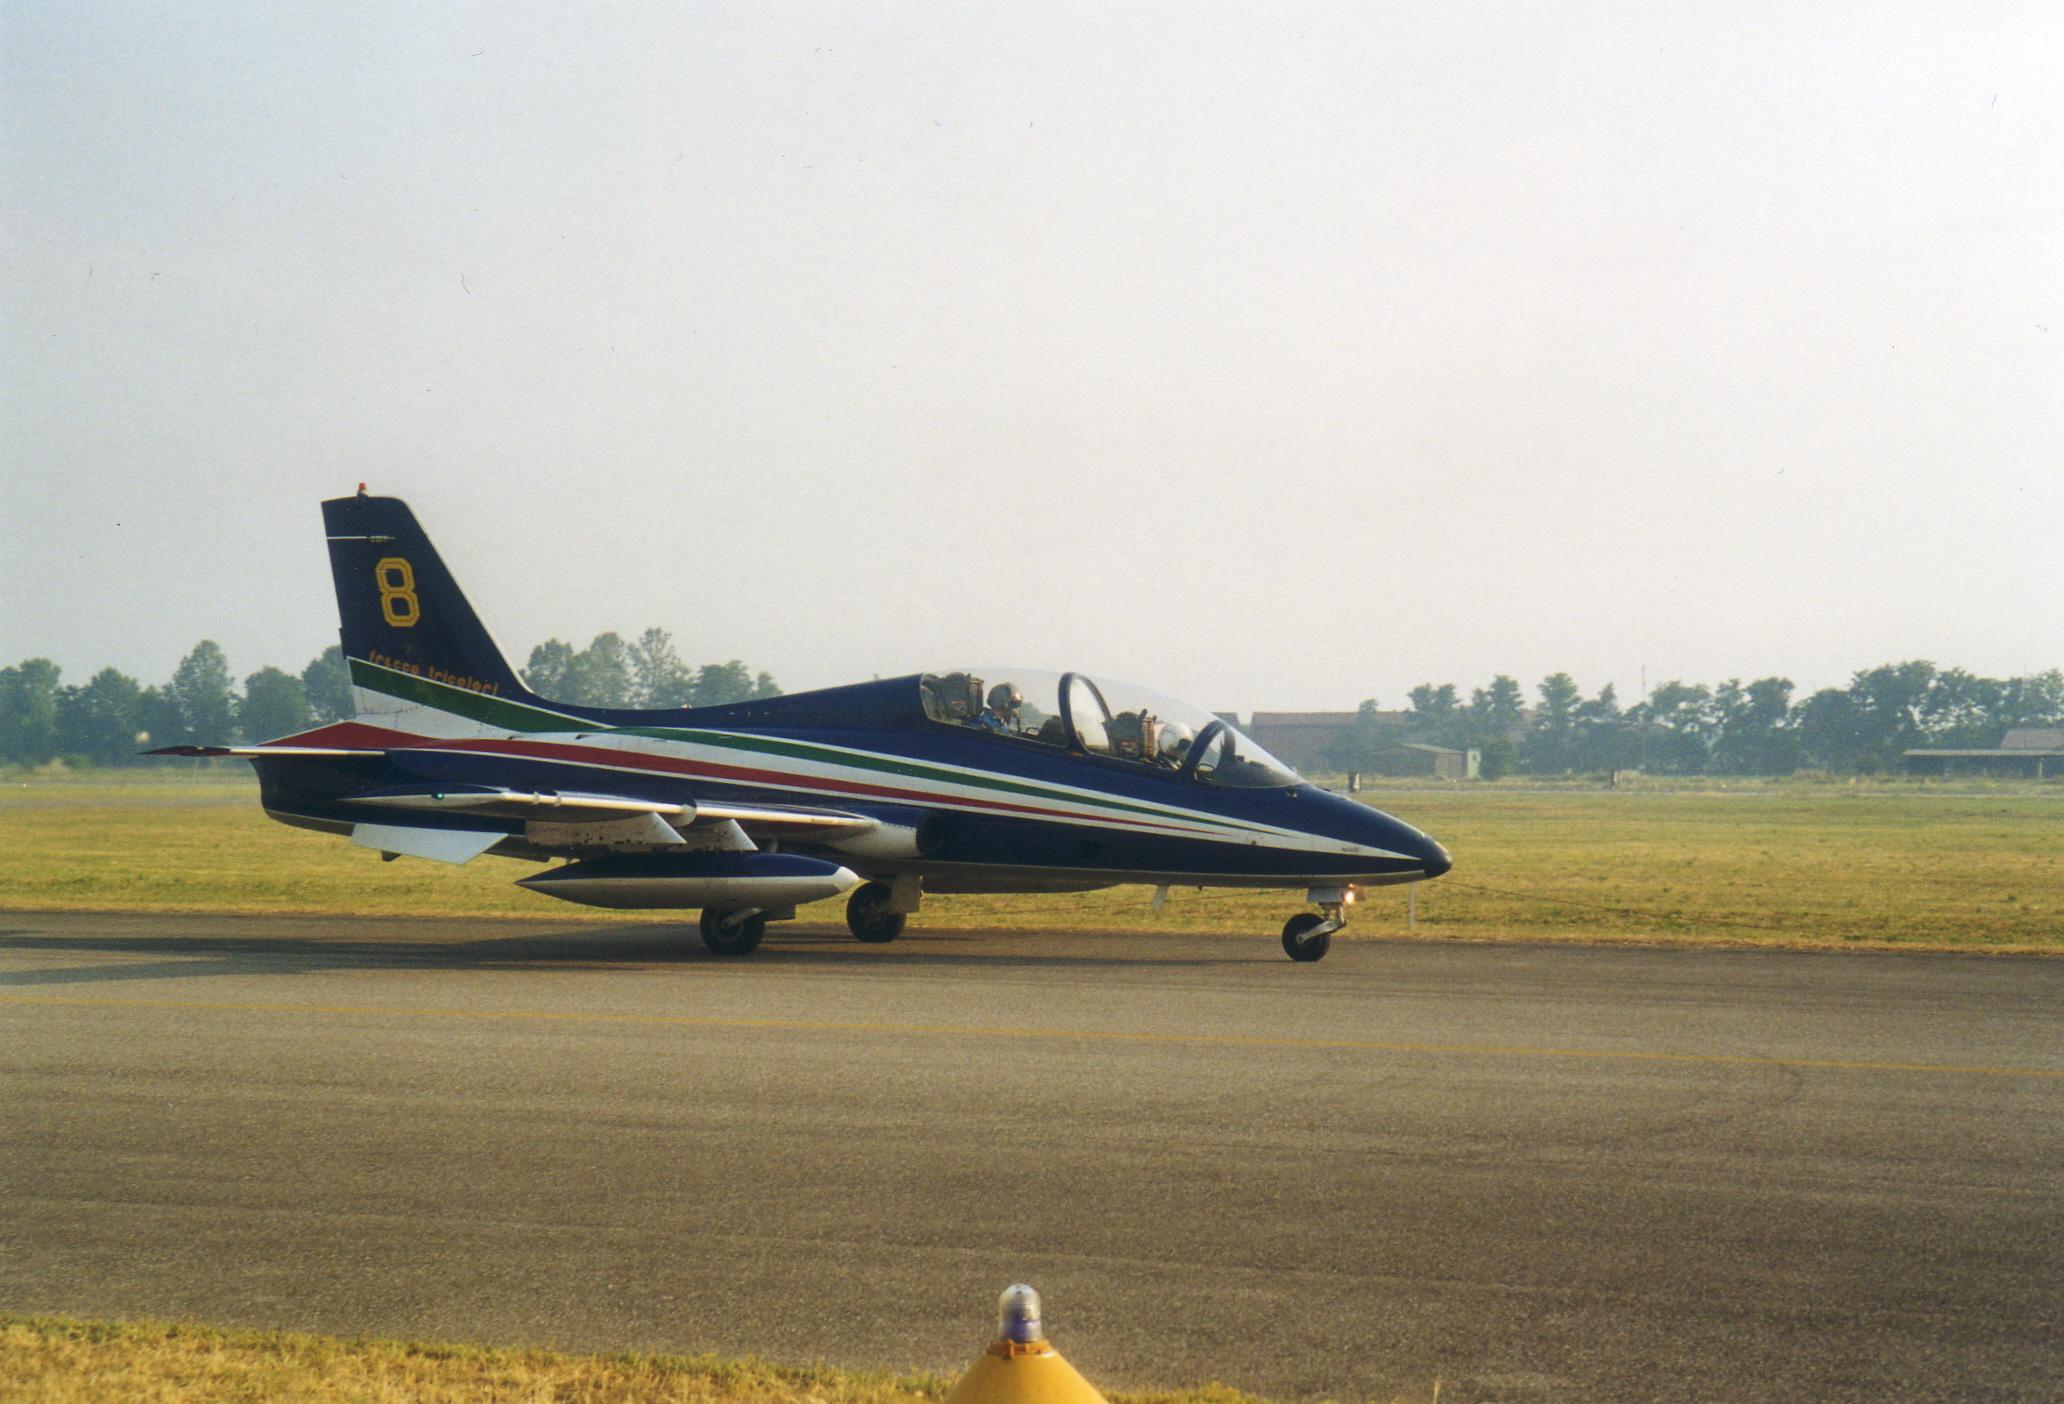 File:Aermacchi MB-339 Freccia Tricolore.jpg